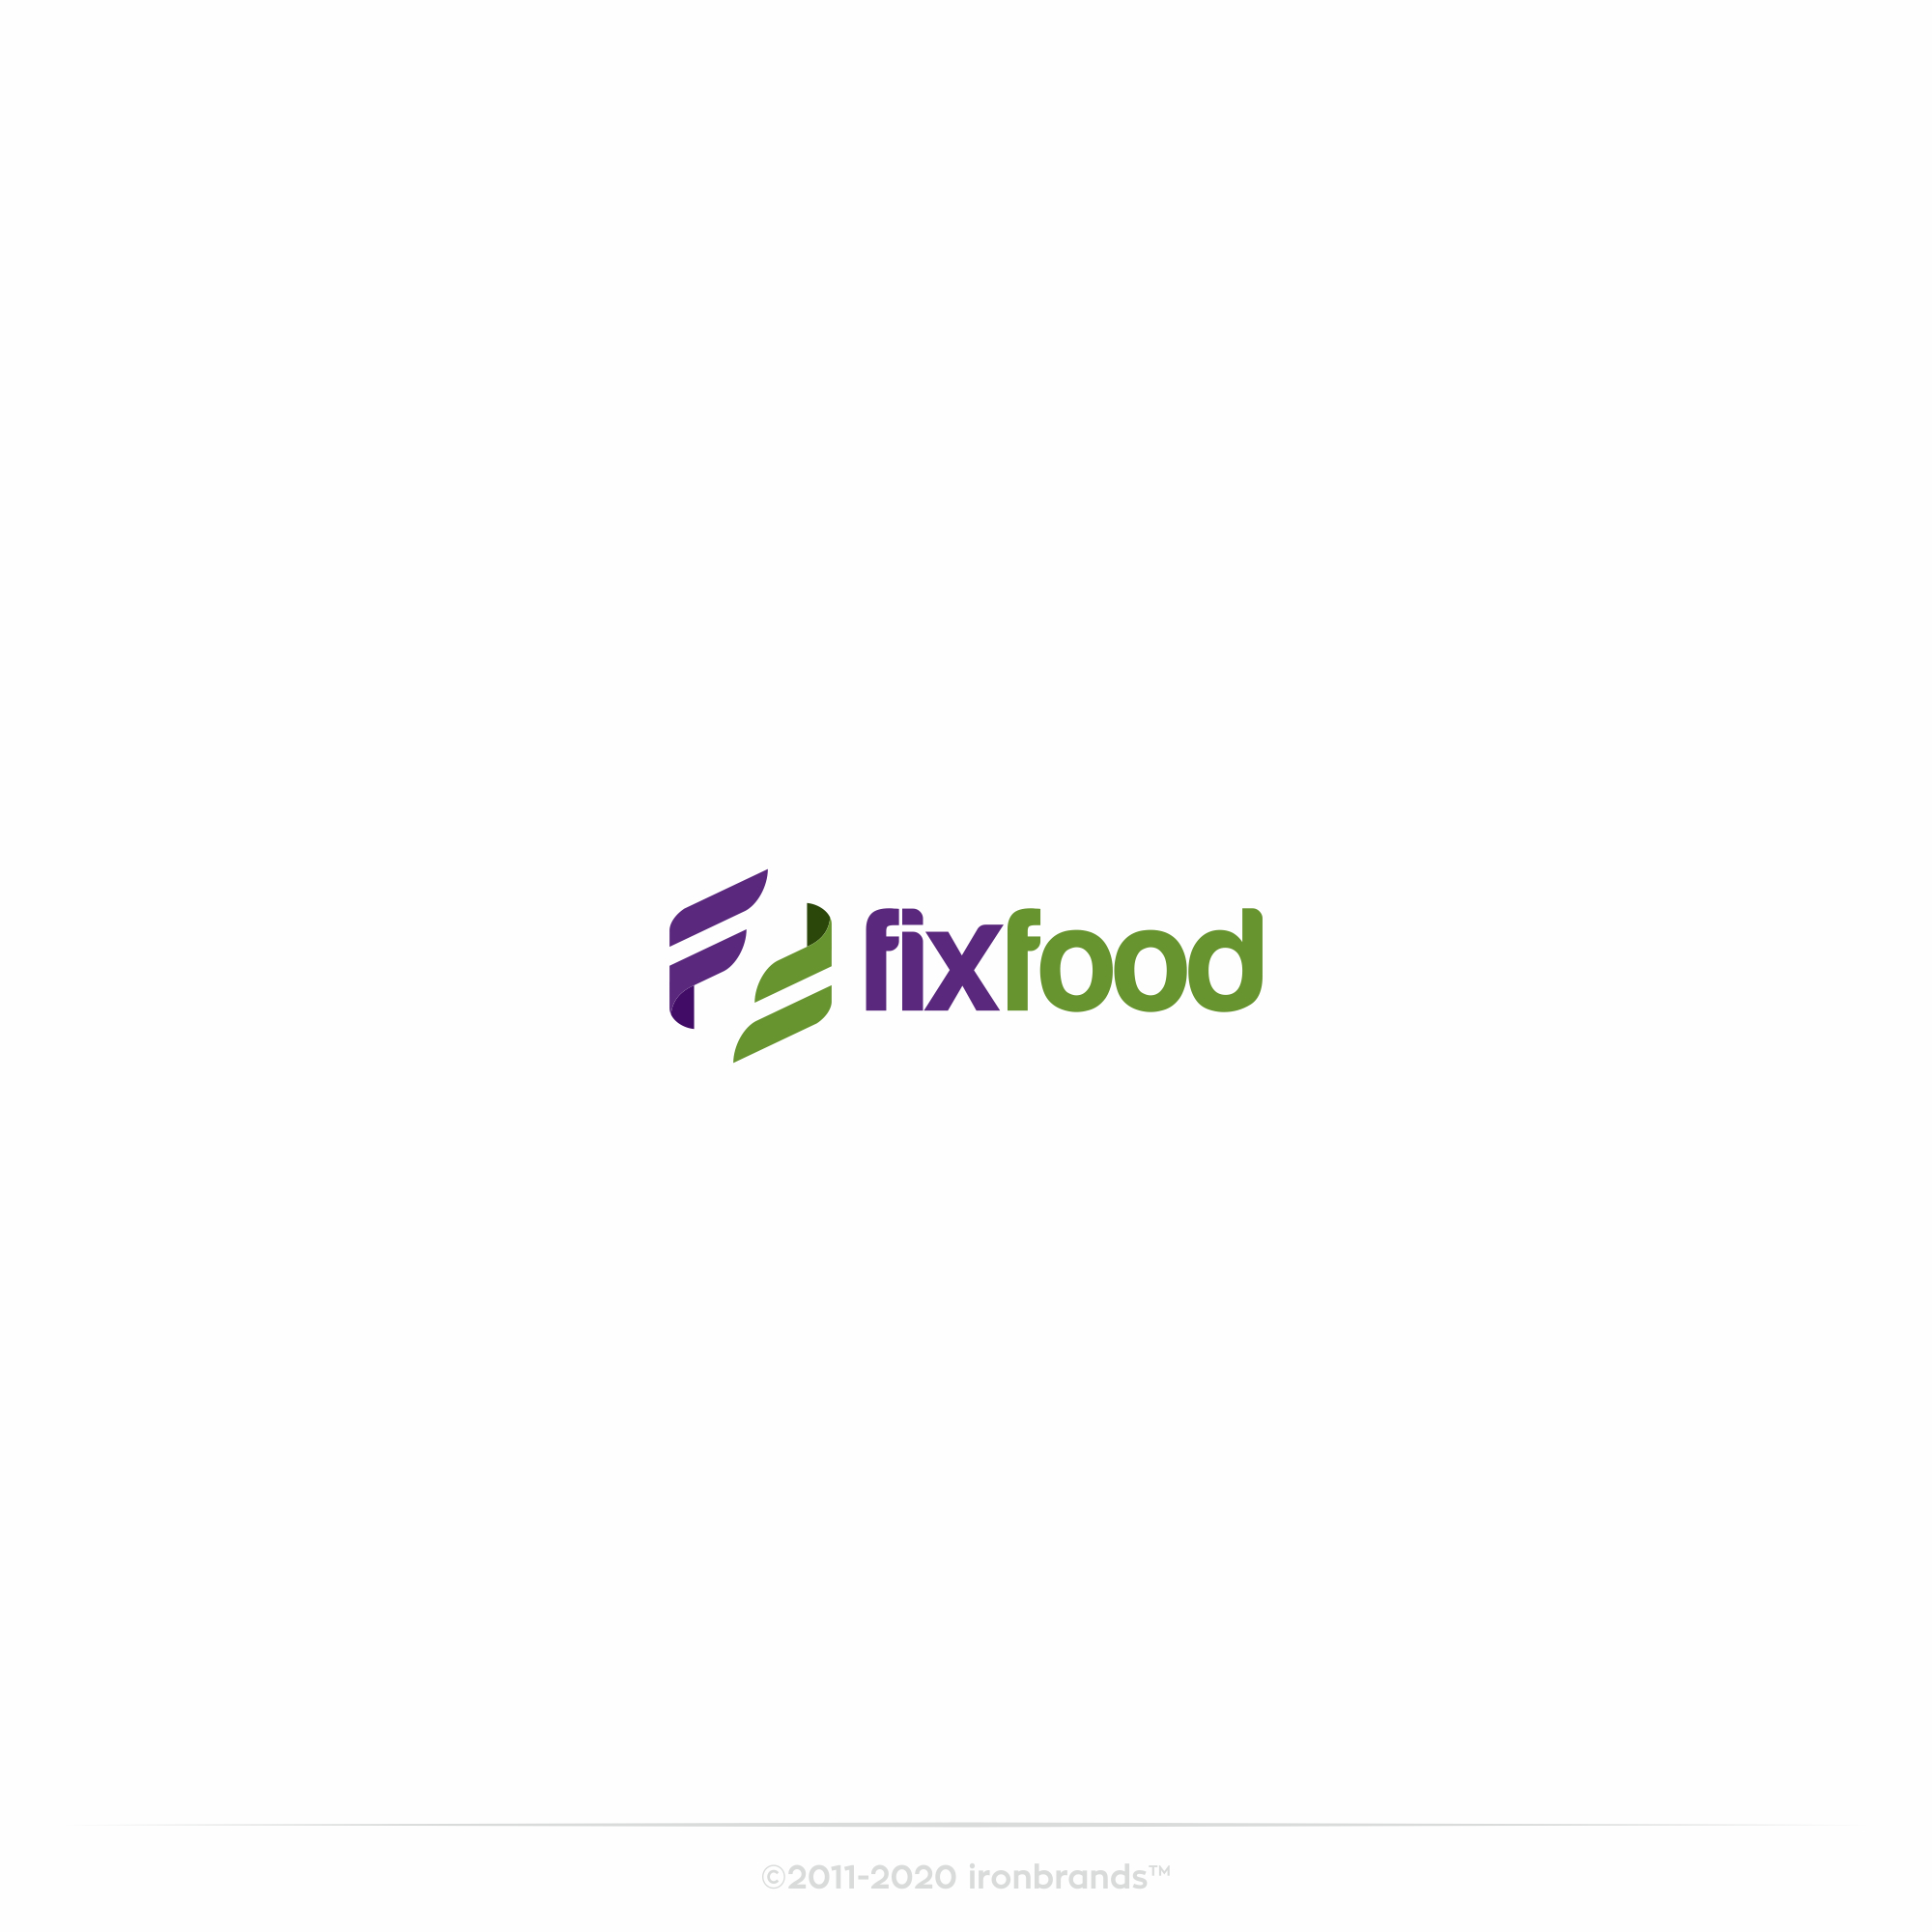 Логотип для доставки еды фото f_2255ec4ce062cc58.jpg